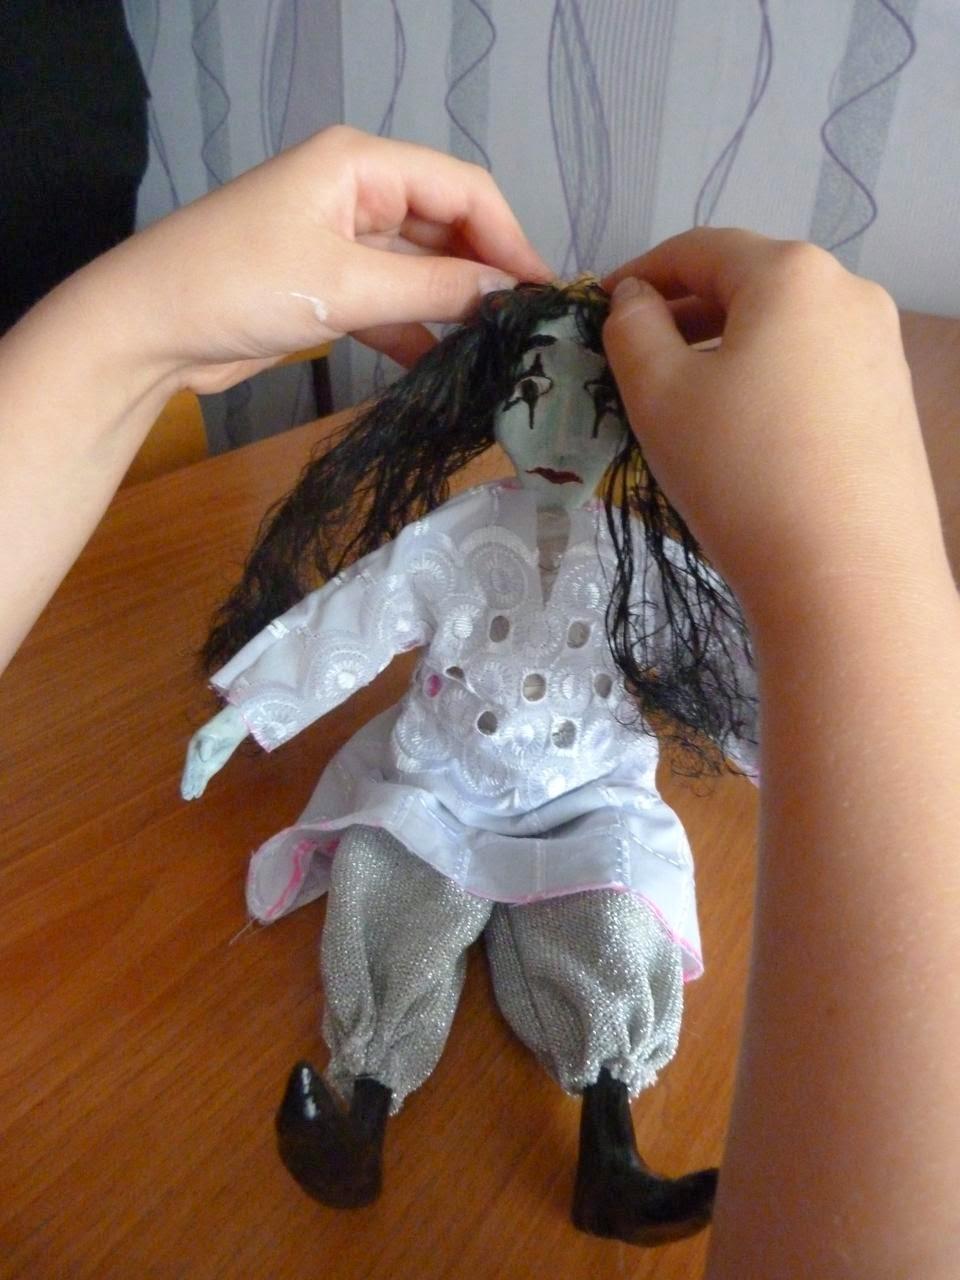 Куклы своими руками Коробочка идей и мастер-классов 23